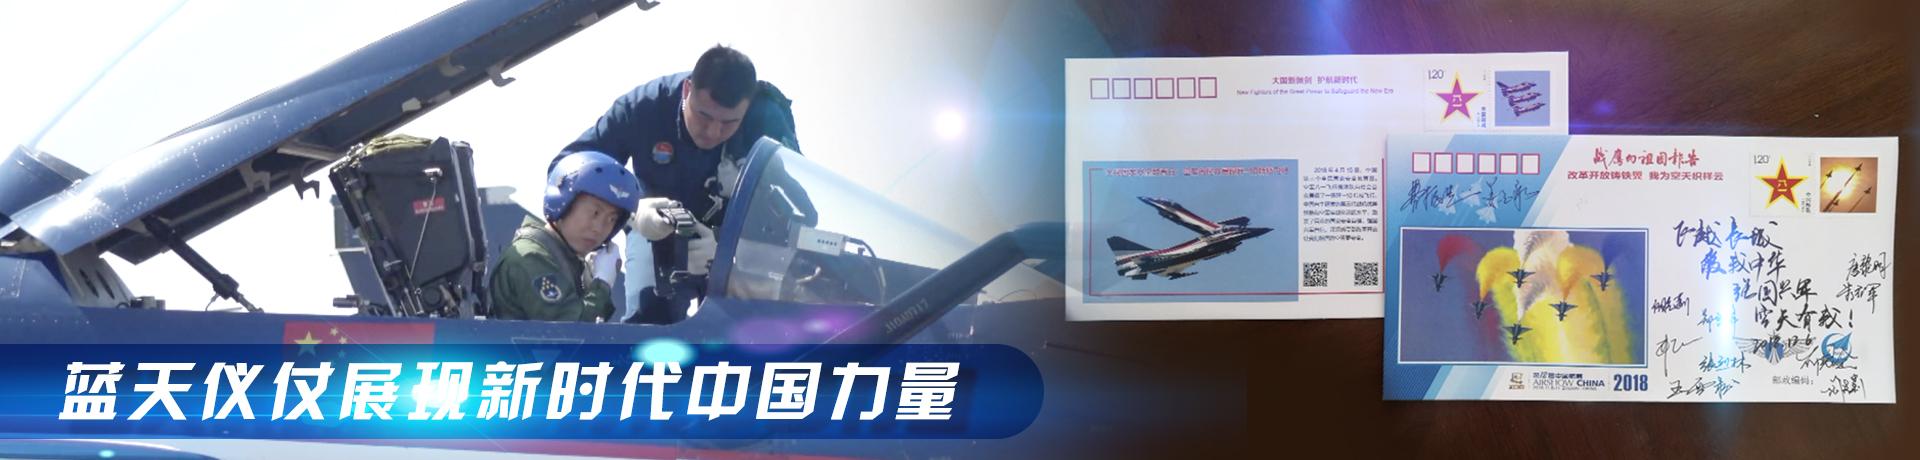 壮阔东方潮 奋进新时代:蓝天仪仗展现新时代中国力量